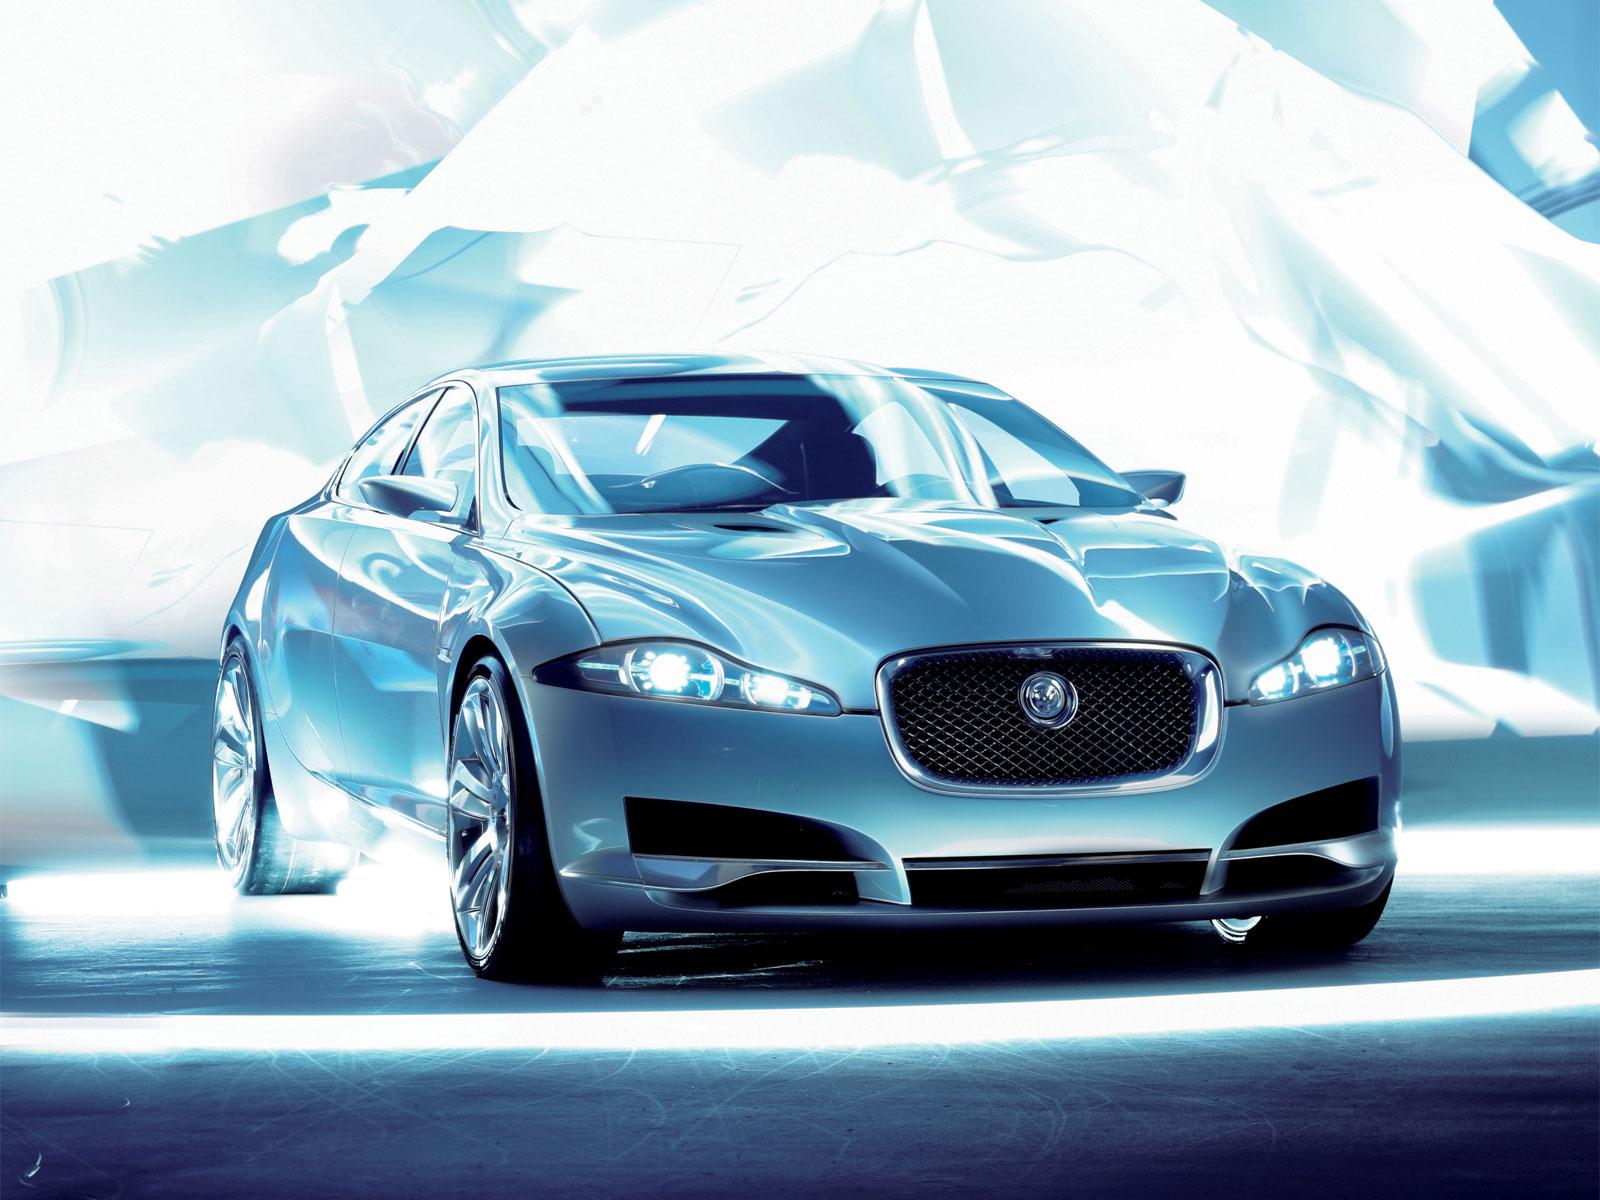 Jaguar Hd Wallpaper Wallpapersafari